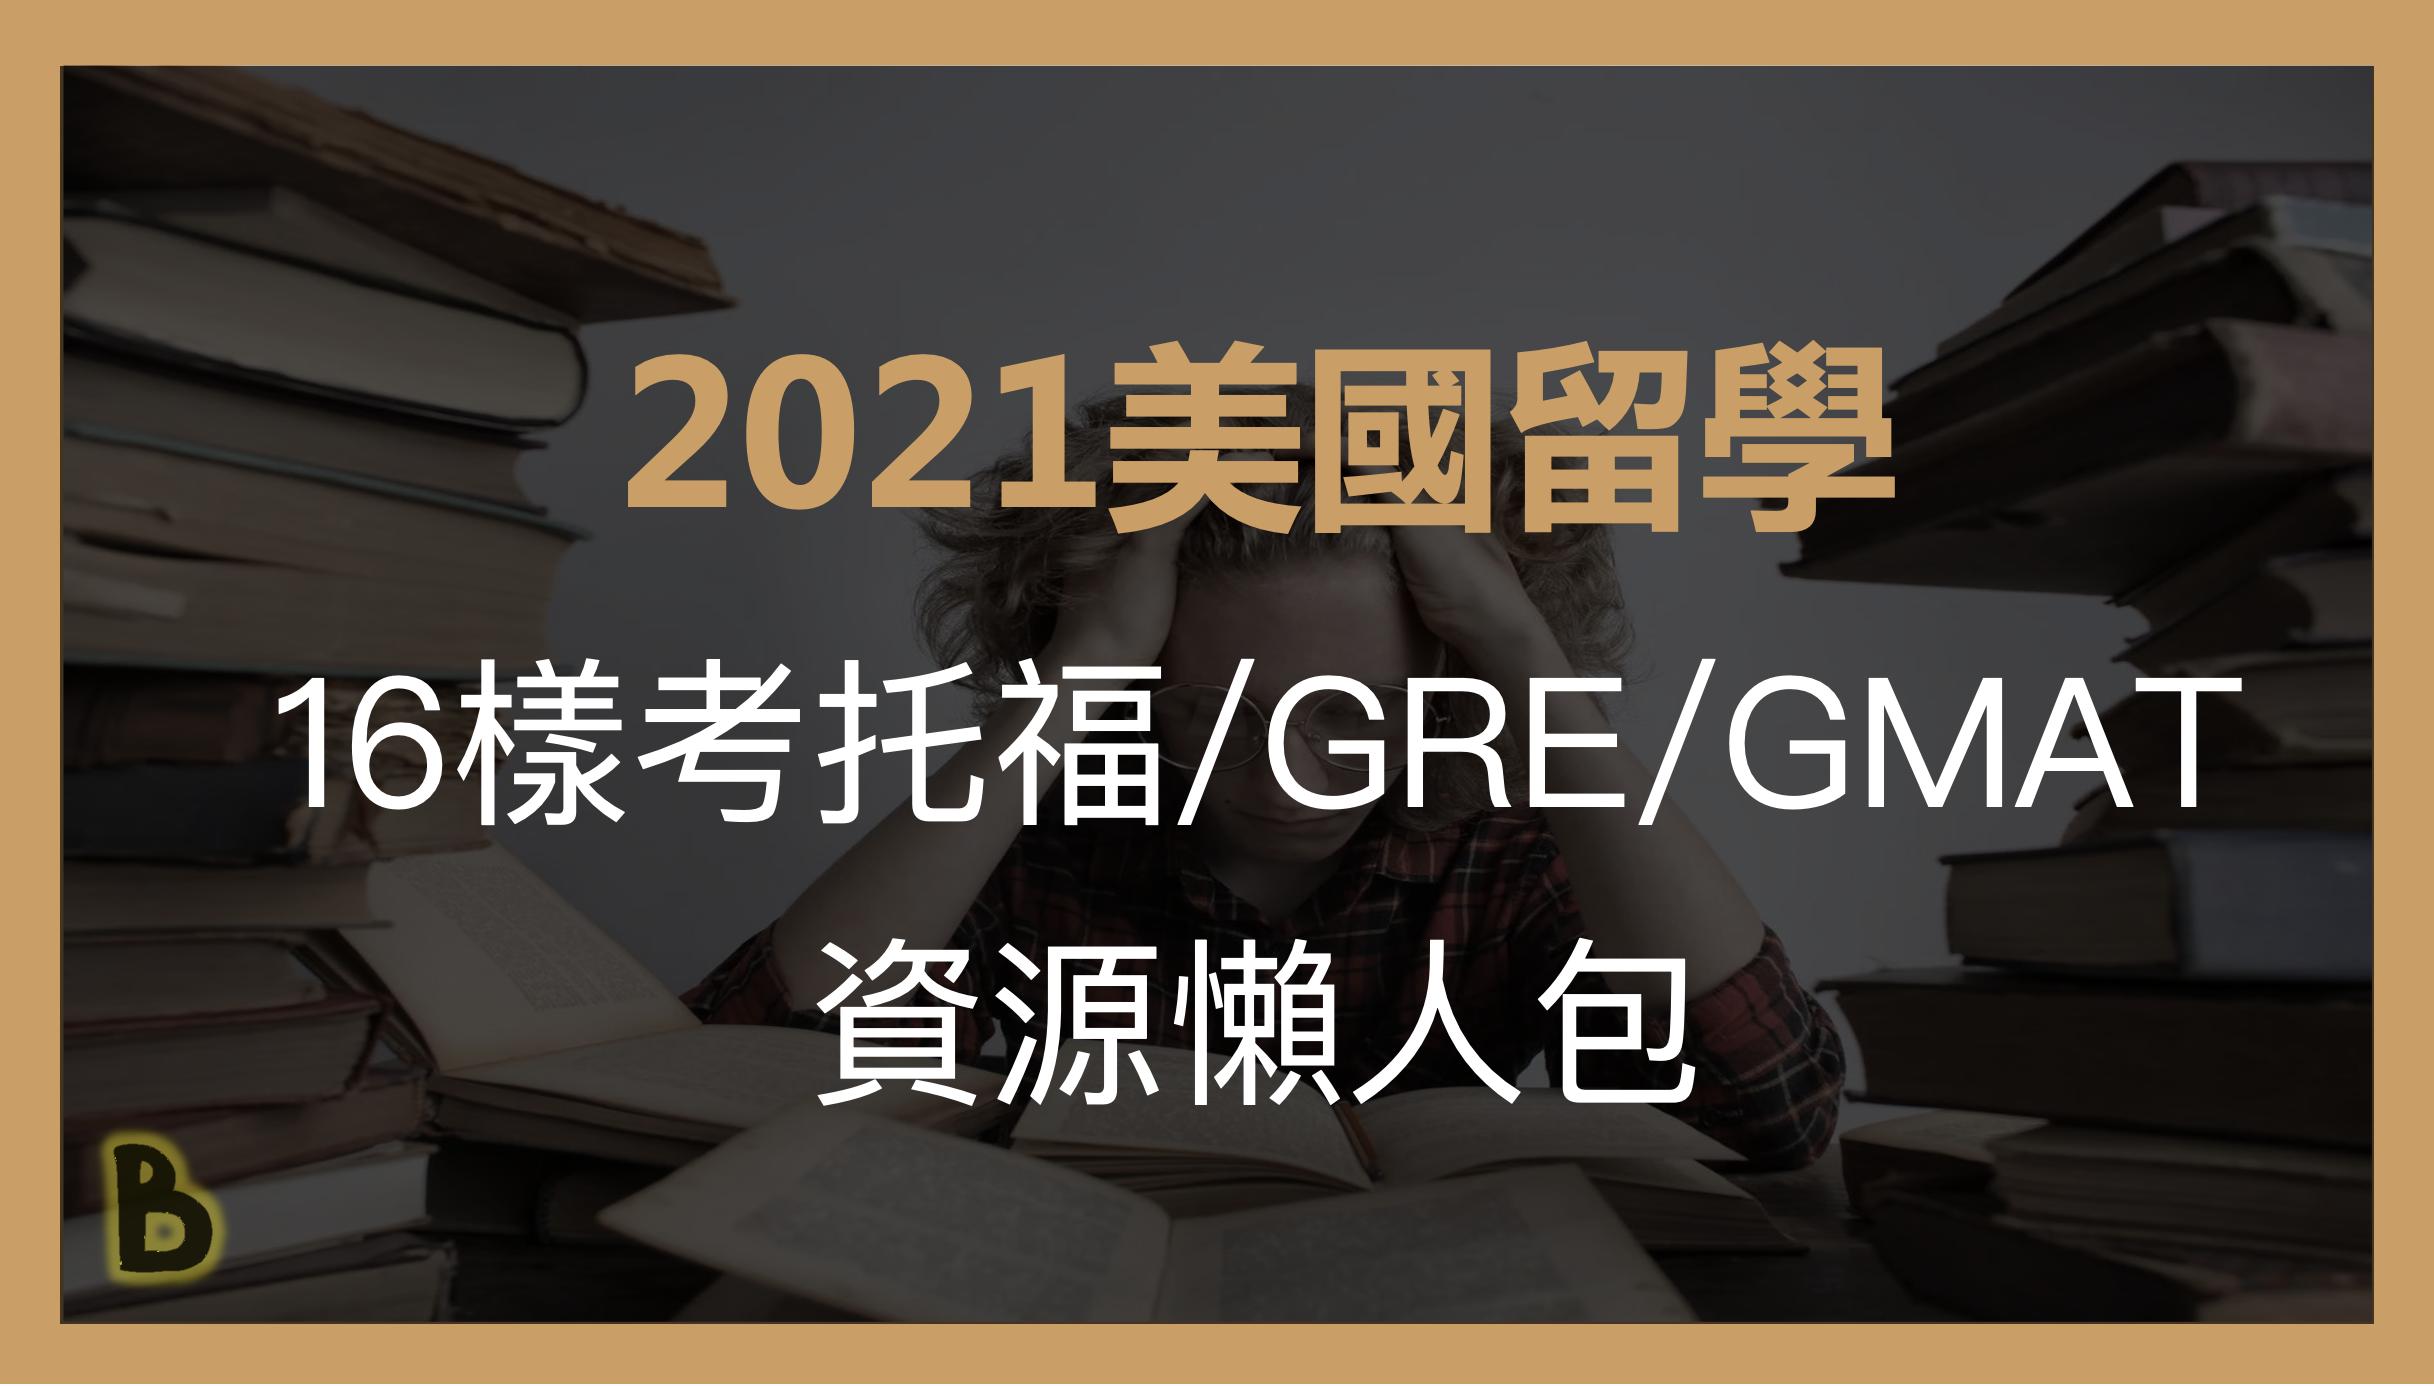 2021美國留學: 16樣考托福/GRE/GMAT免費資源懶人包